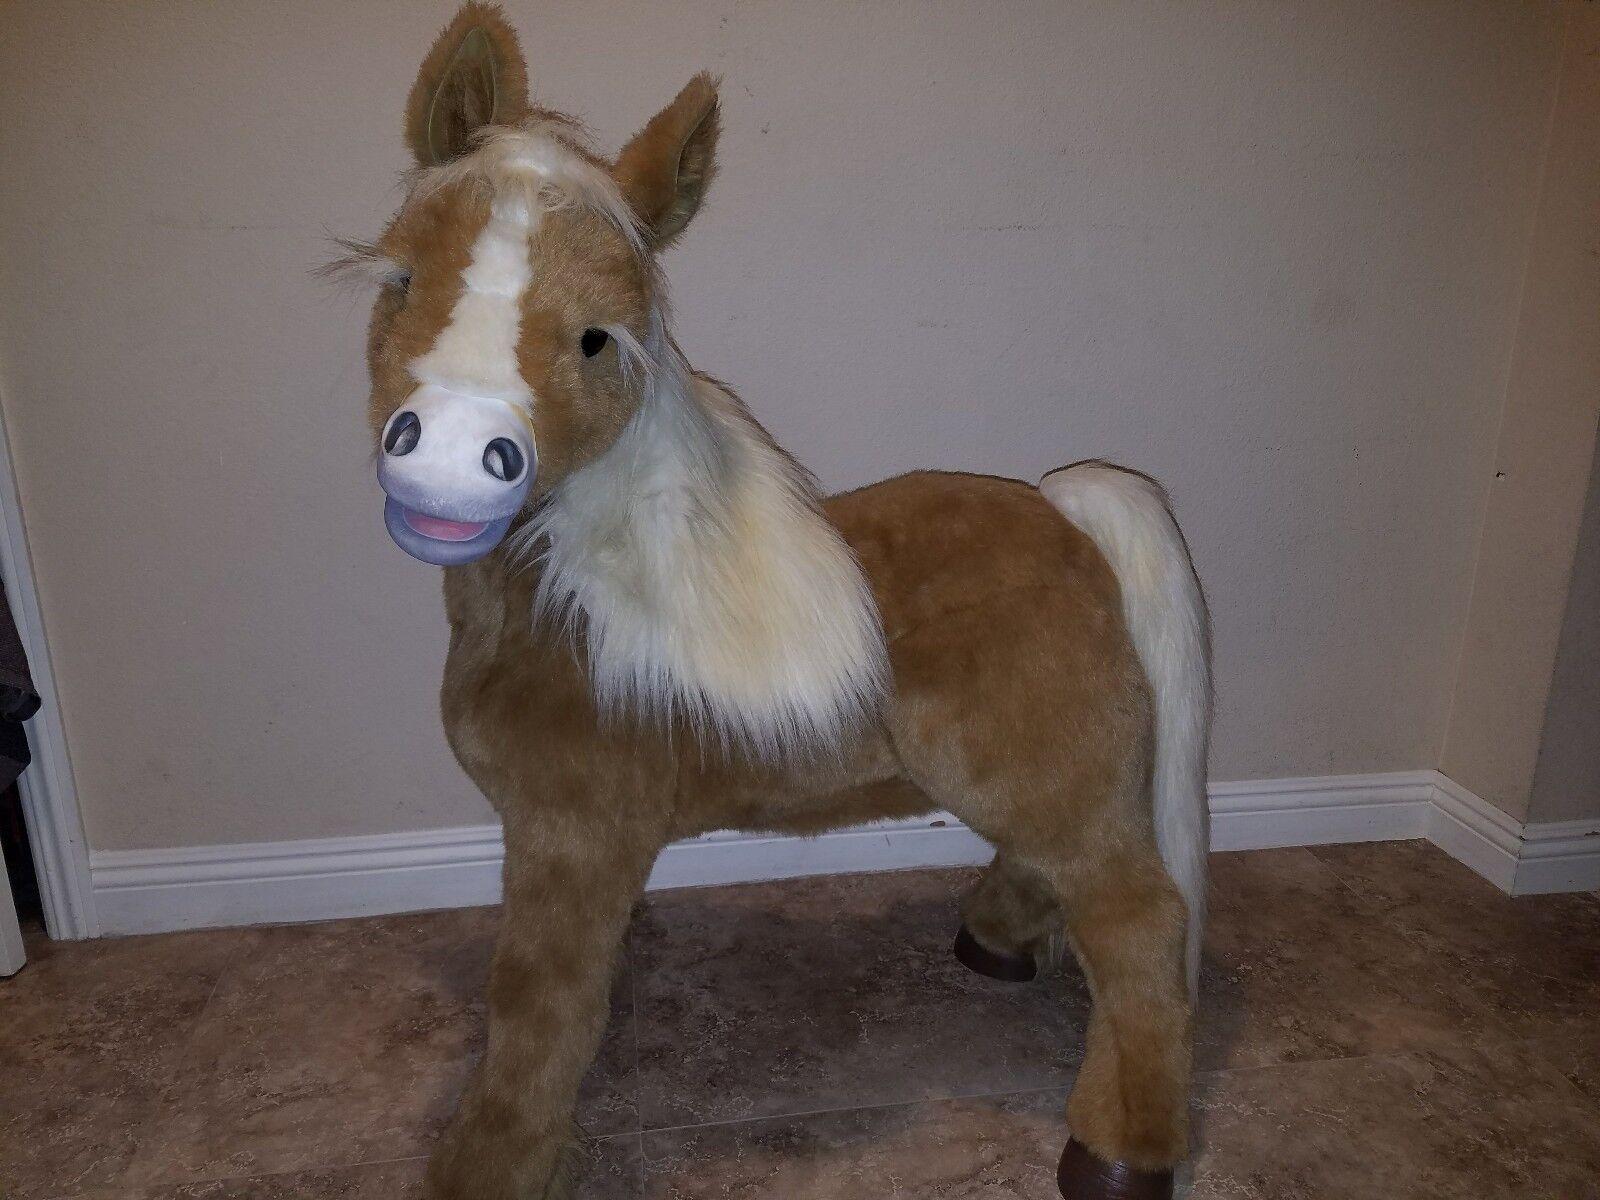 Furreal friends butterscotch life size pony pony pony interactive b61da9